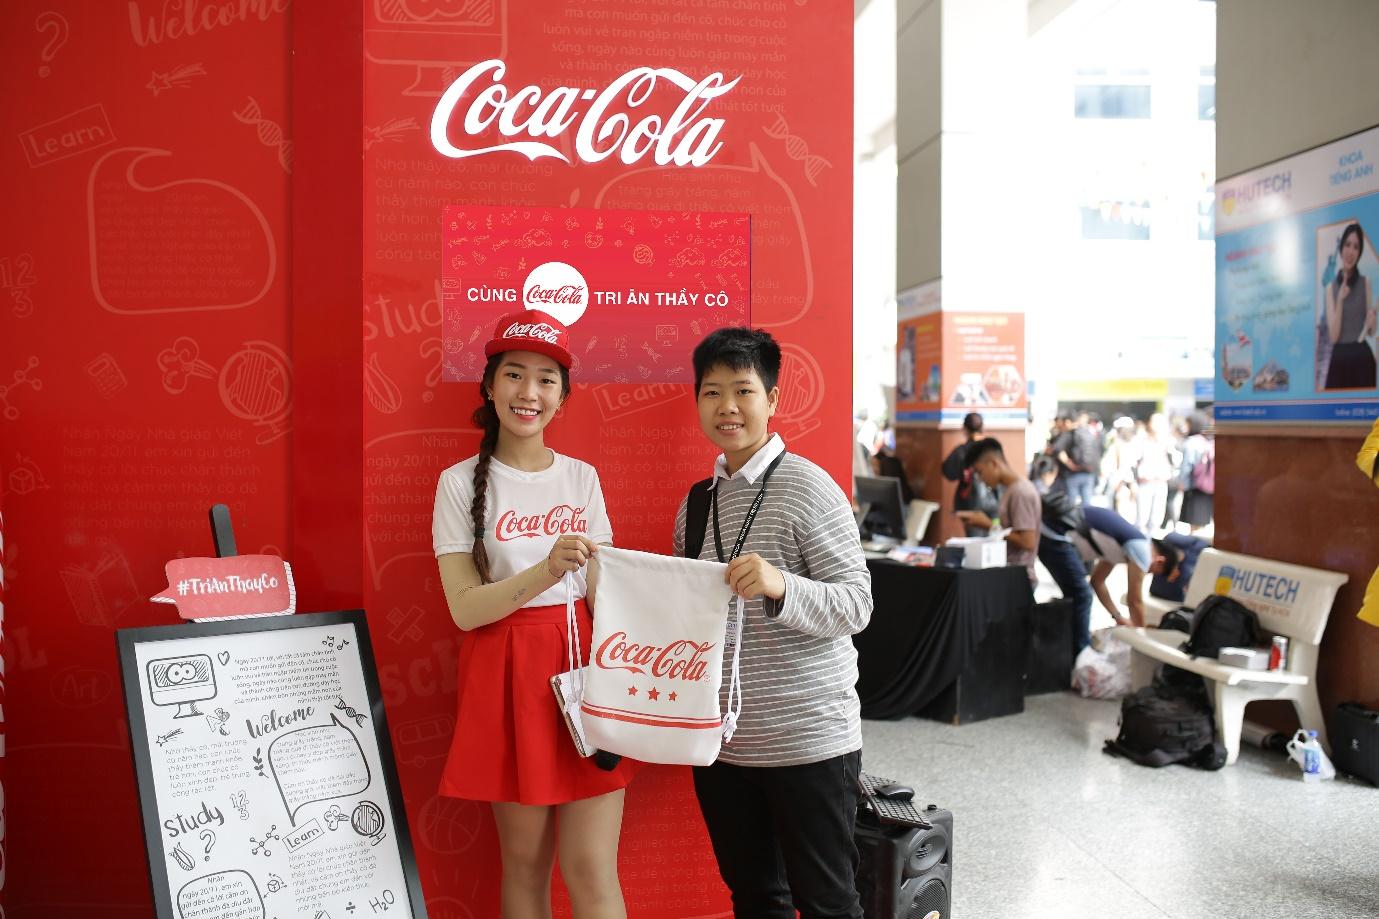 """Loạt ảnh rạng ngời của sinh viên trong sự kiện """"Cùng Coca-Cola tri ân thầy cô"""" - Ảnh 6."""